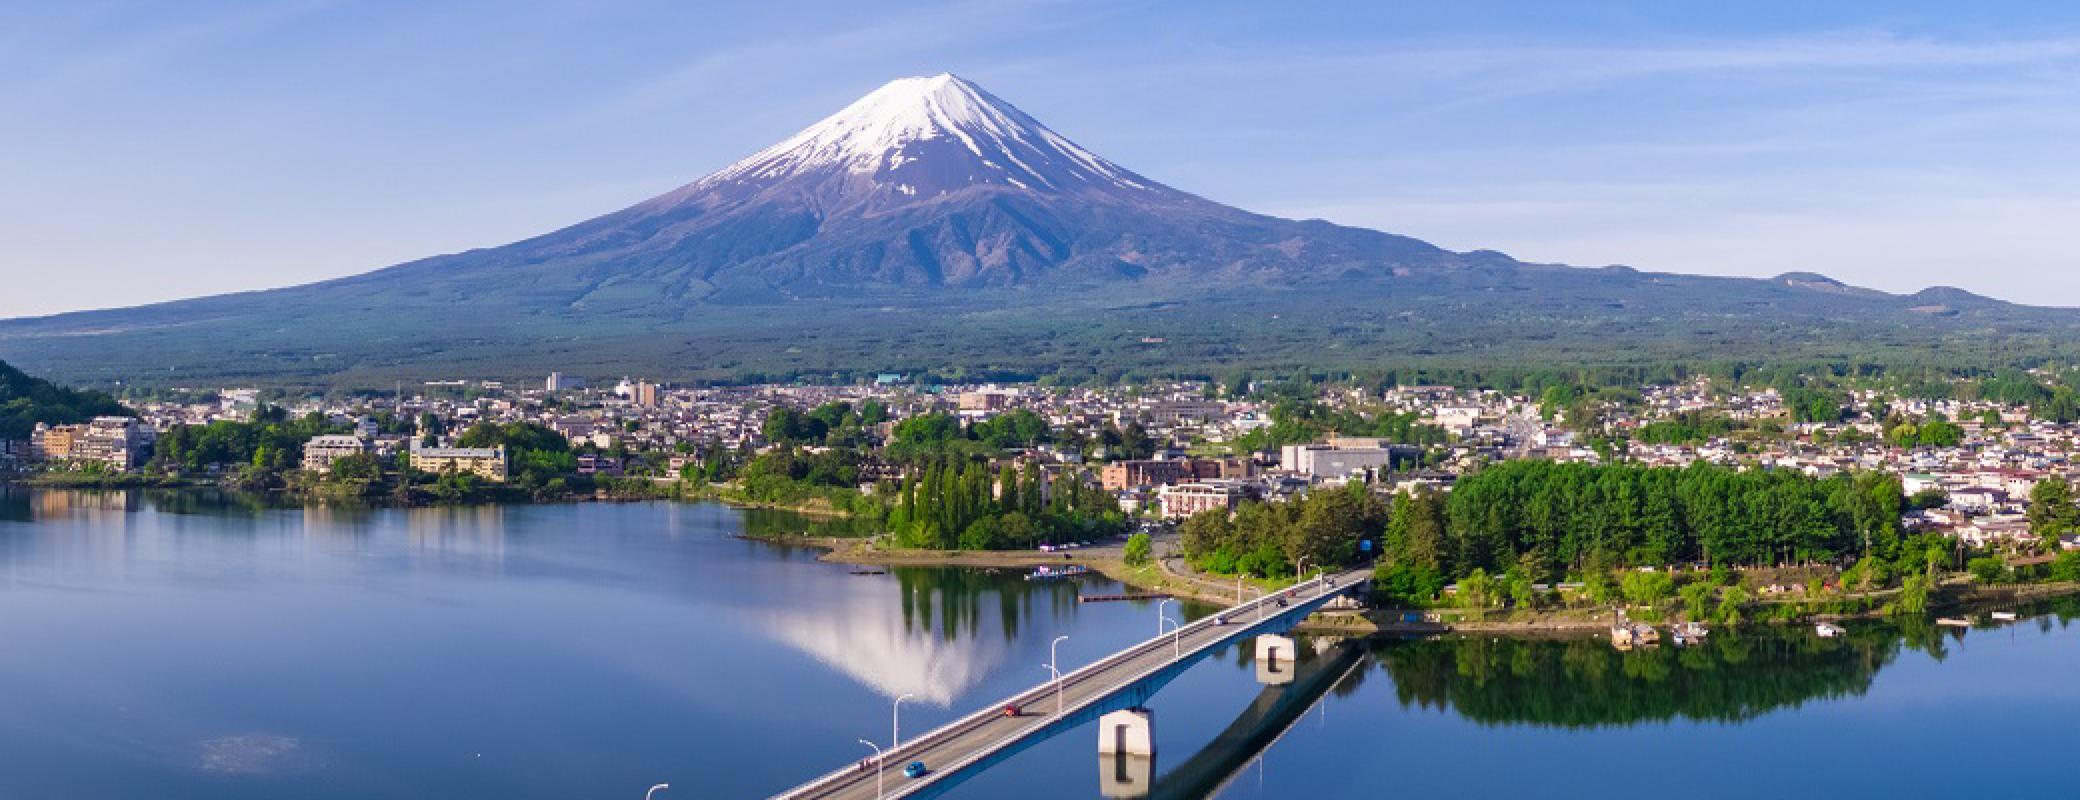 「JALふるさと納税」に 山梨県富士河口湖町 が参加しました。